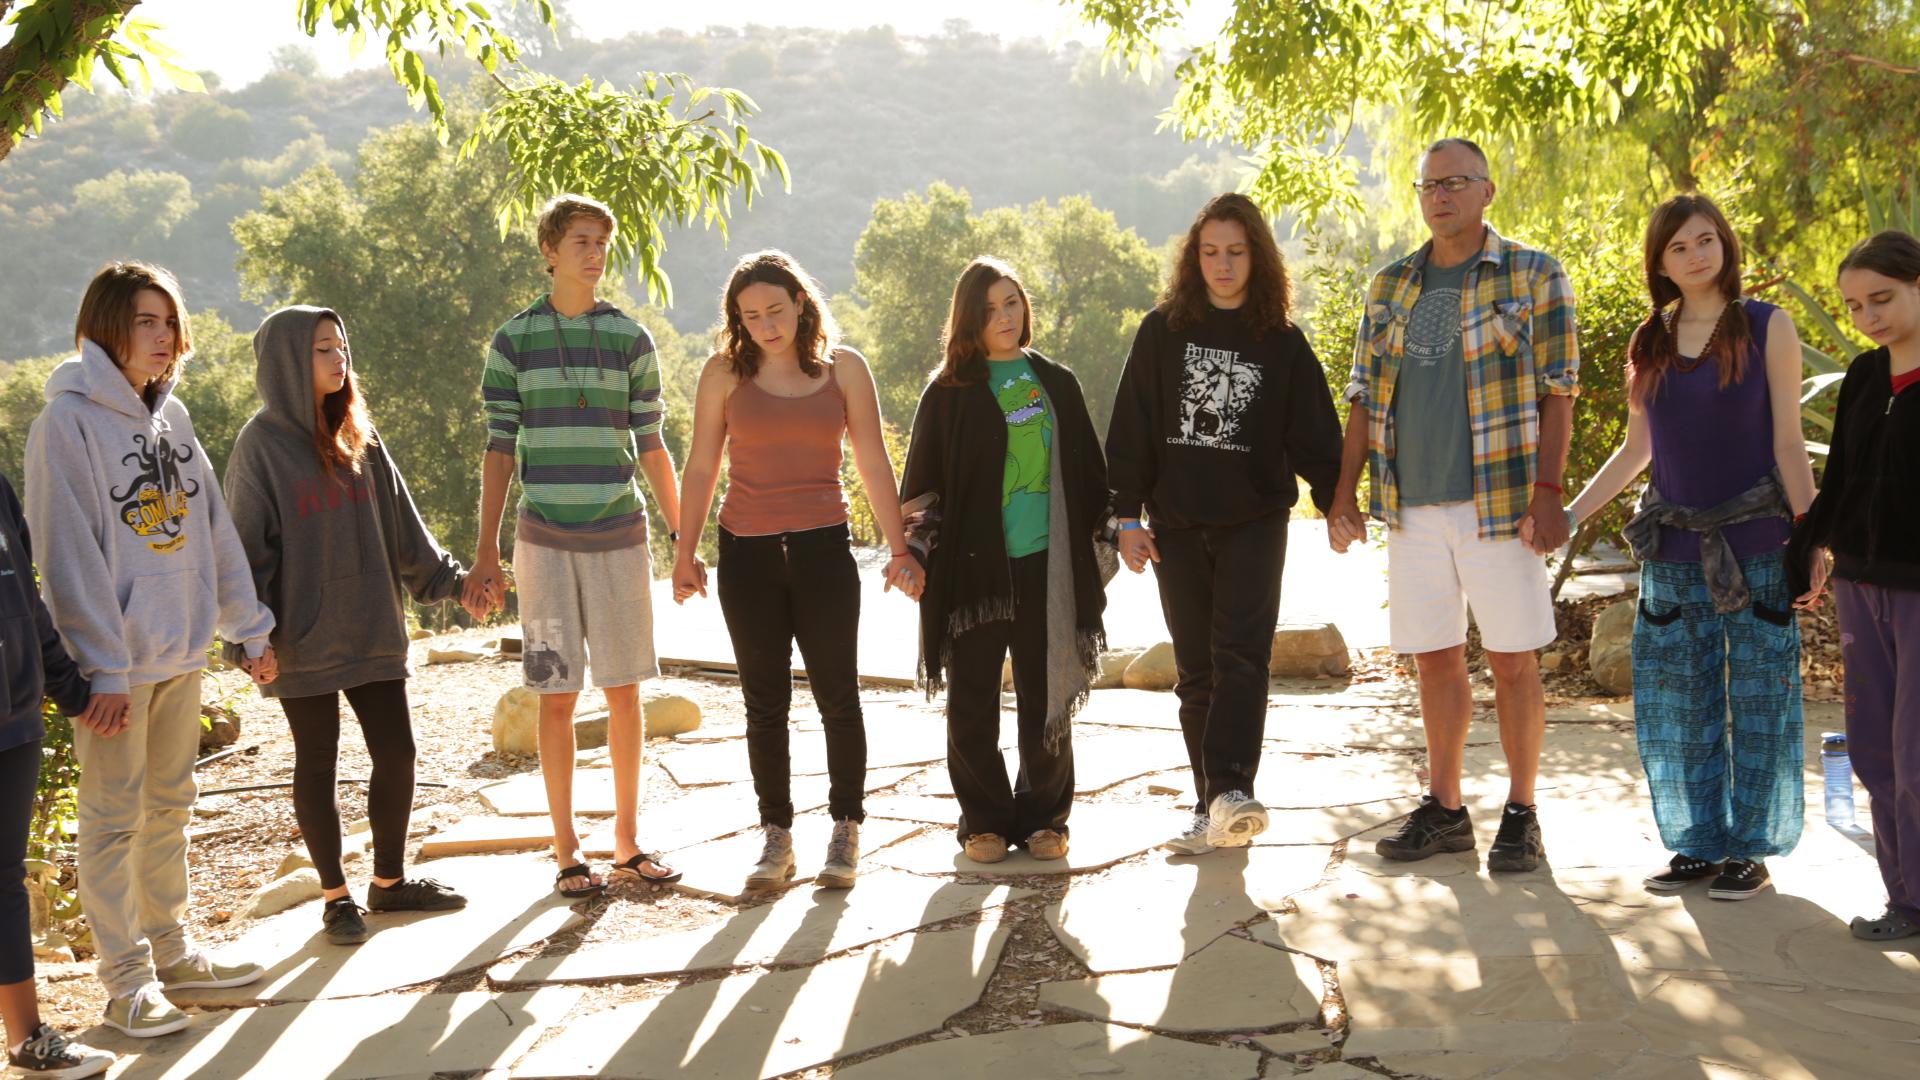 Teens on a previous iBme retreat. Photo courtesy of iBme.